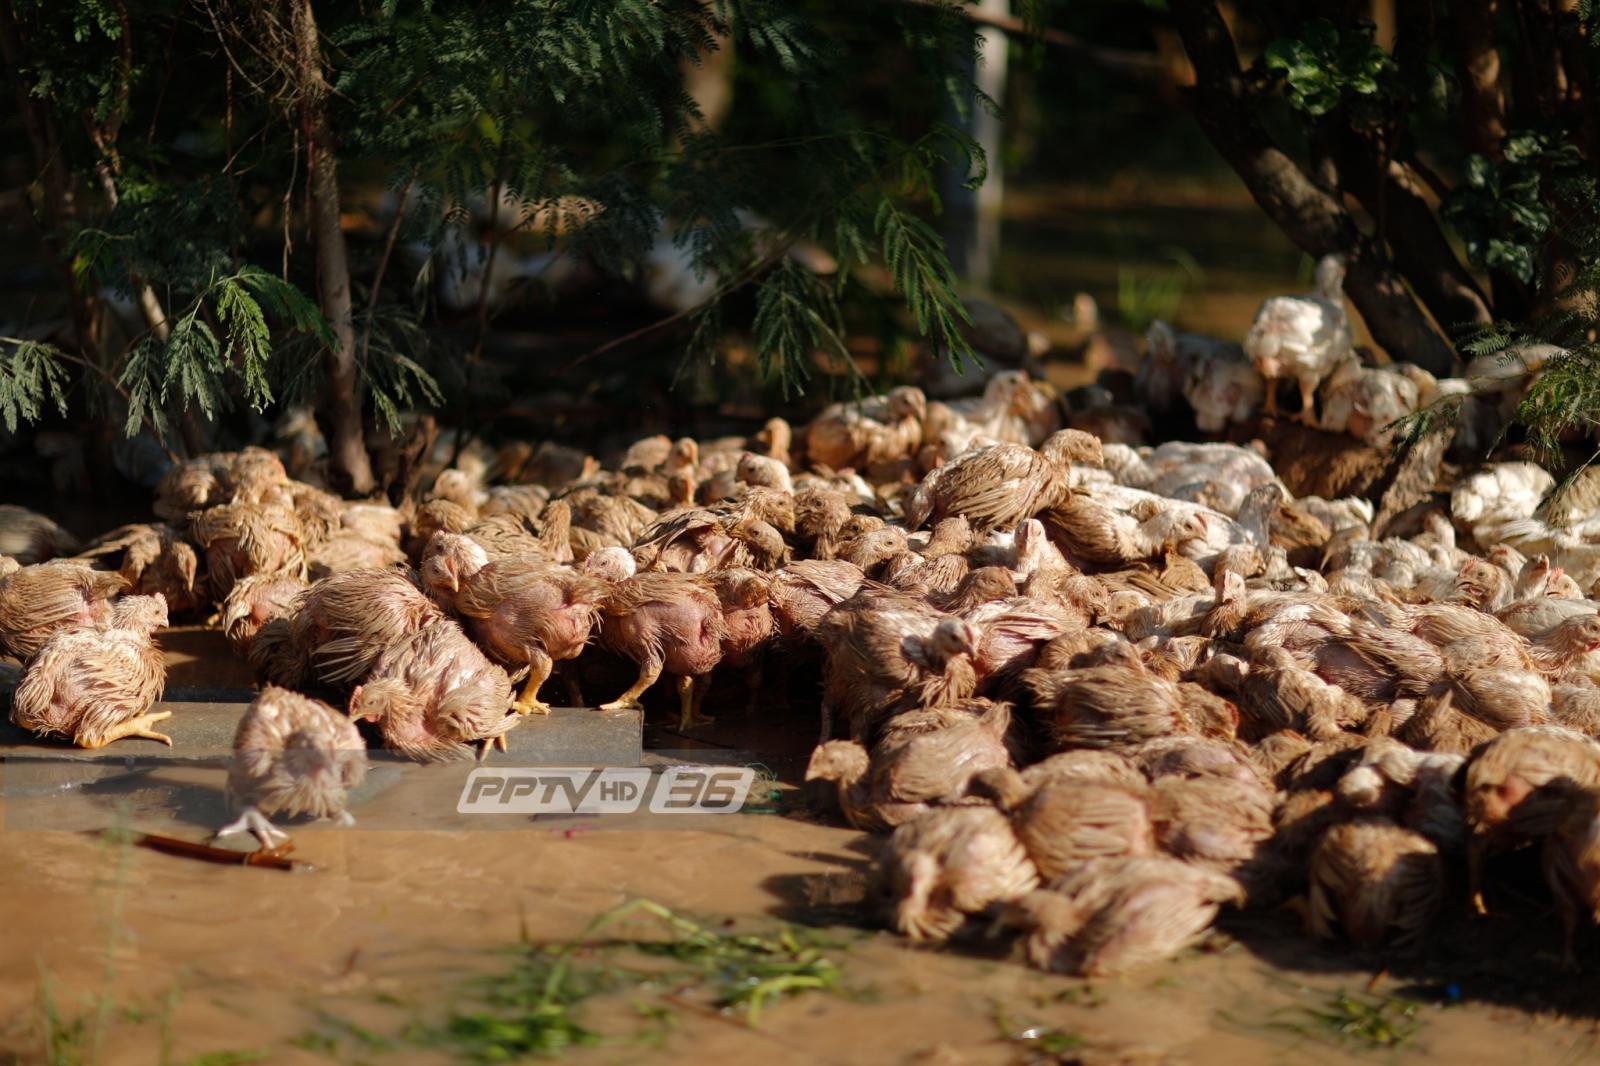 เดือดร้อนหนัก! น้ำท่วม อ.พรานกระต่าย ไก่ตายเกือบ 5 หมื่นตัว